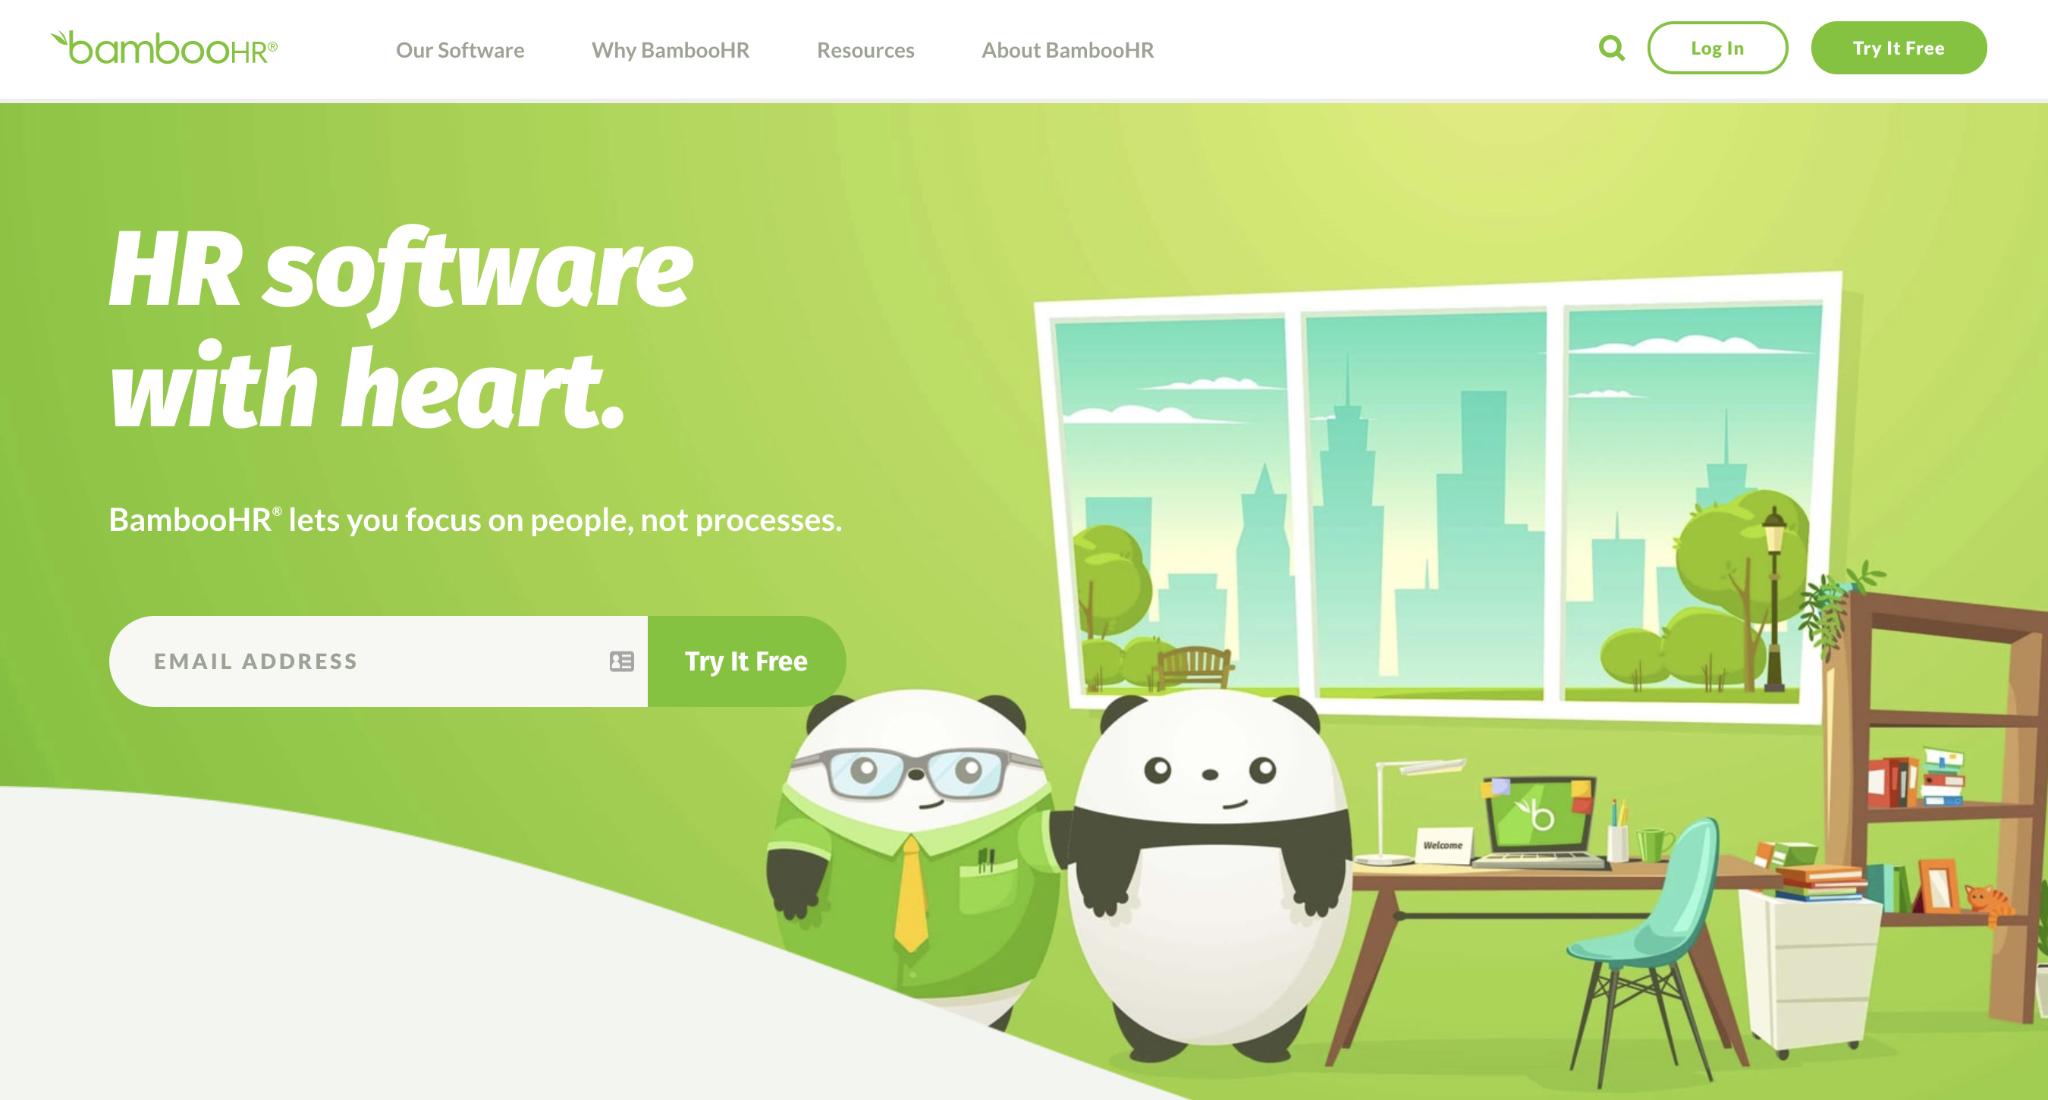 SmartRecruiters Competitor #4: BambooHR